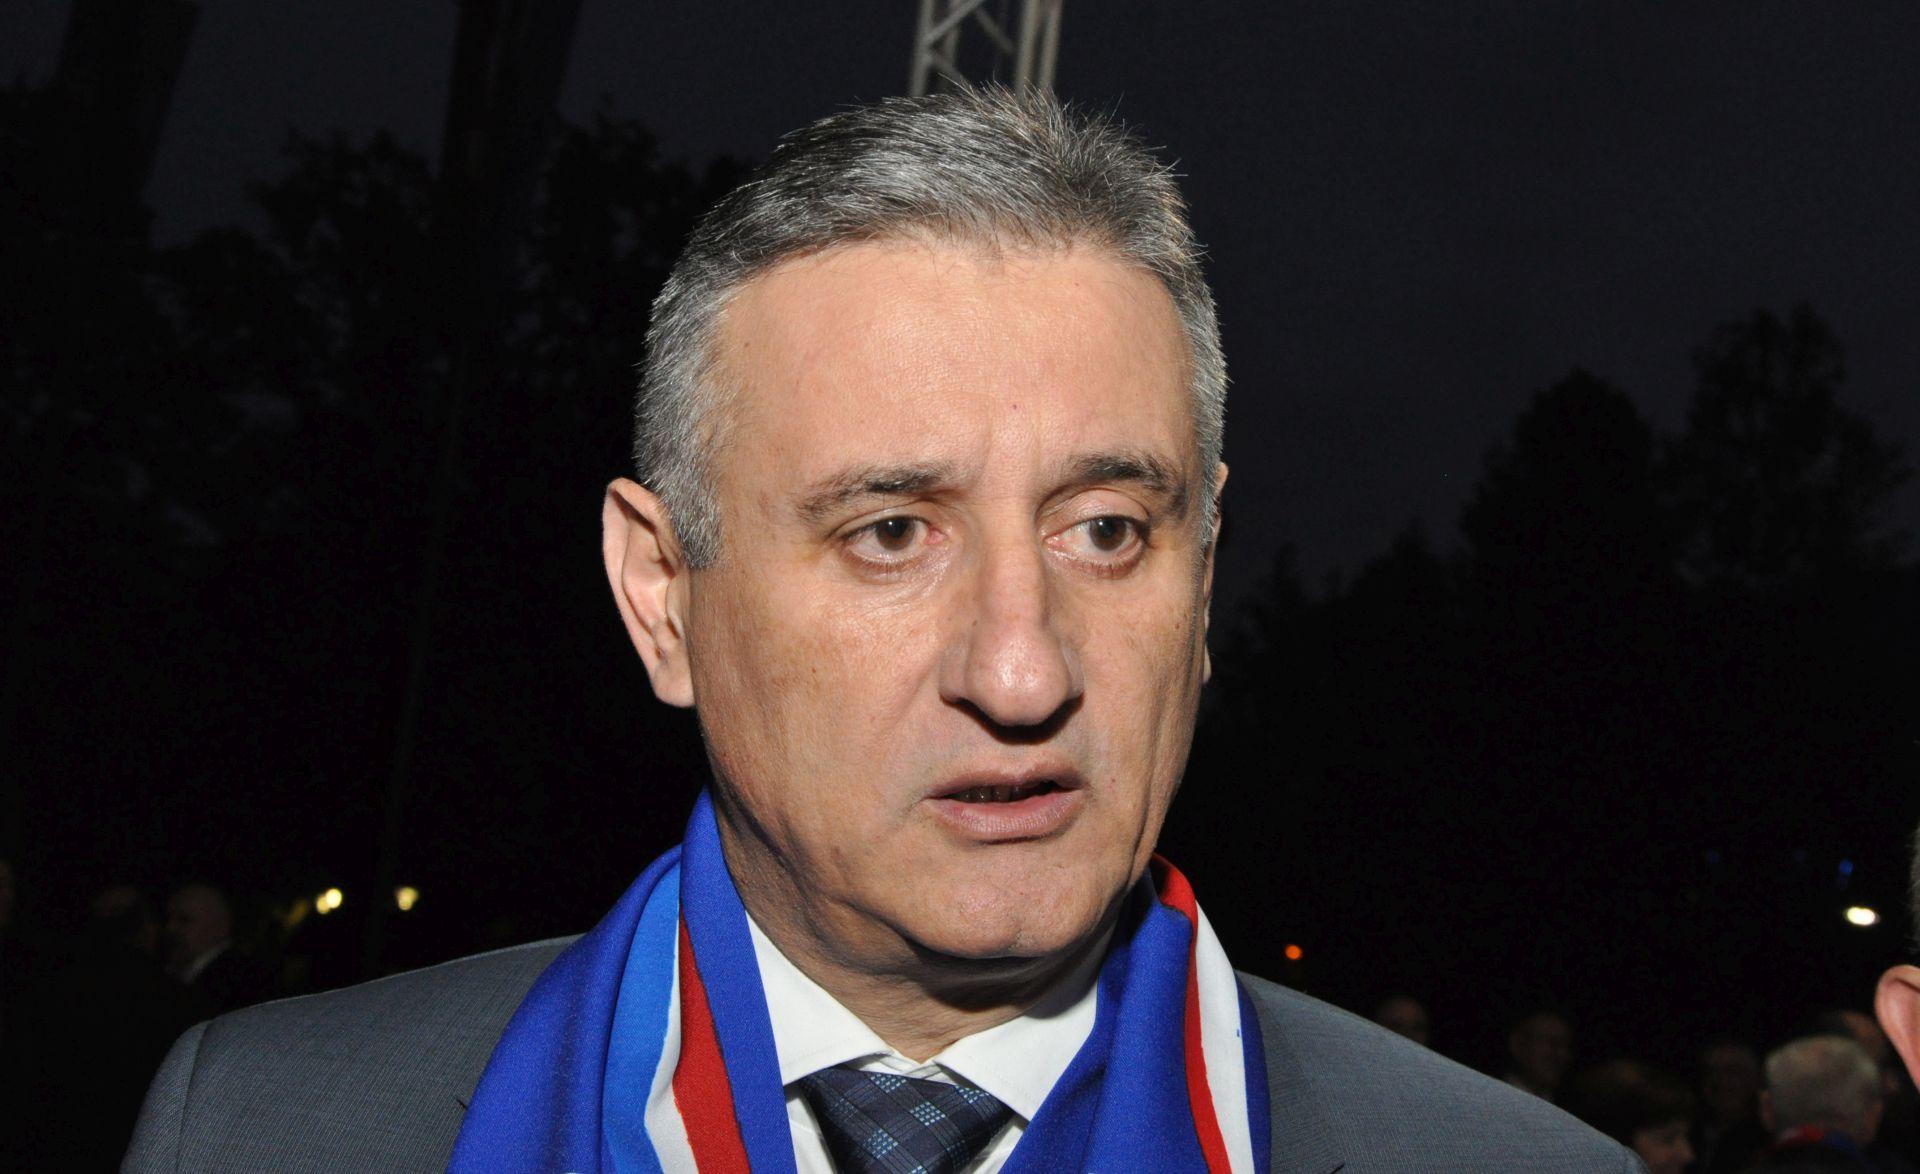 IZBORI 2015. Karamarko u Mostaru: Svi Hrvati trebaju živjeti zajedno u EU